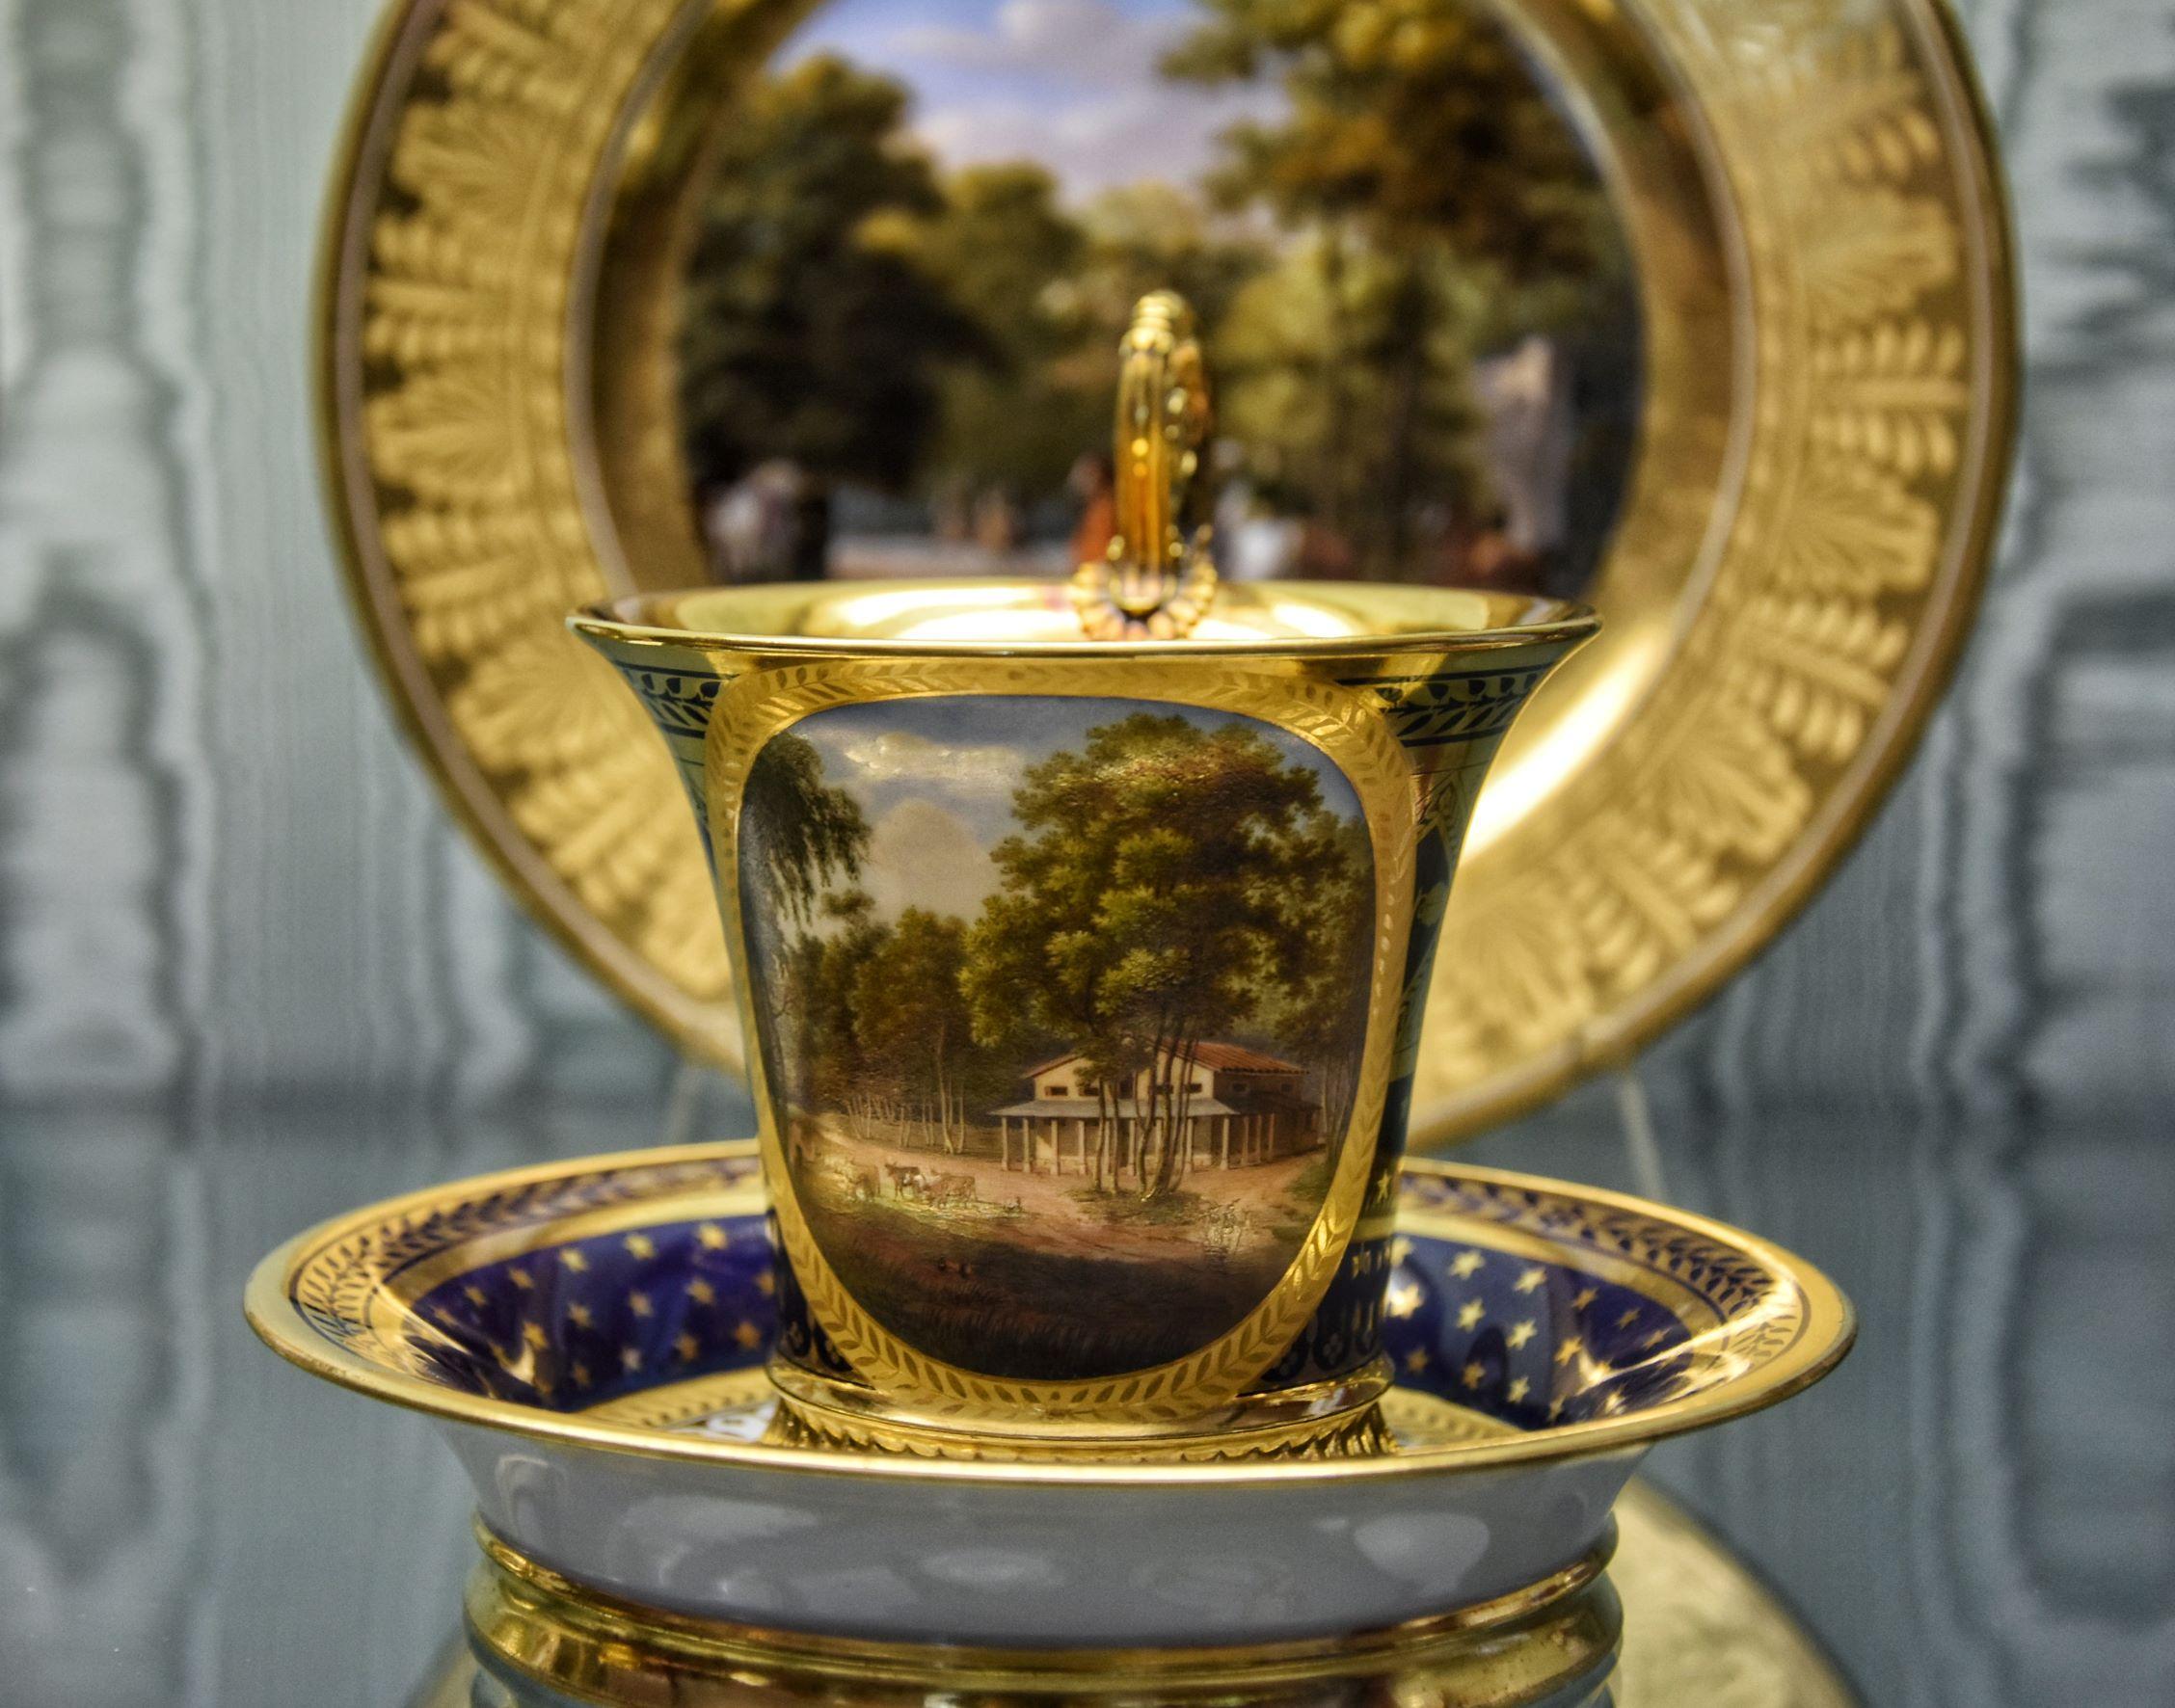 Servizio da tè dell'imperatrice Joséphine